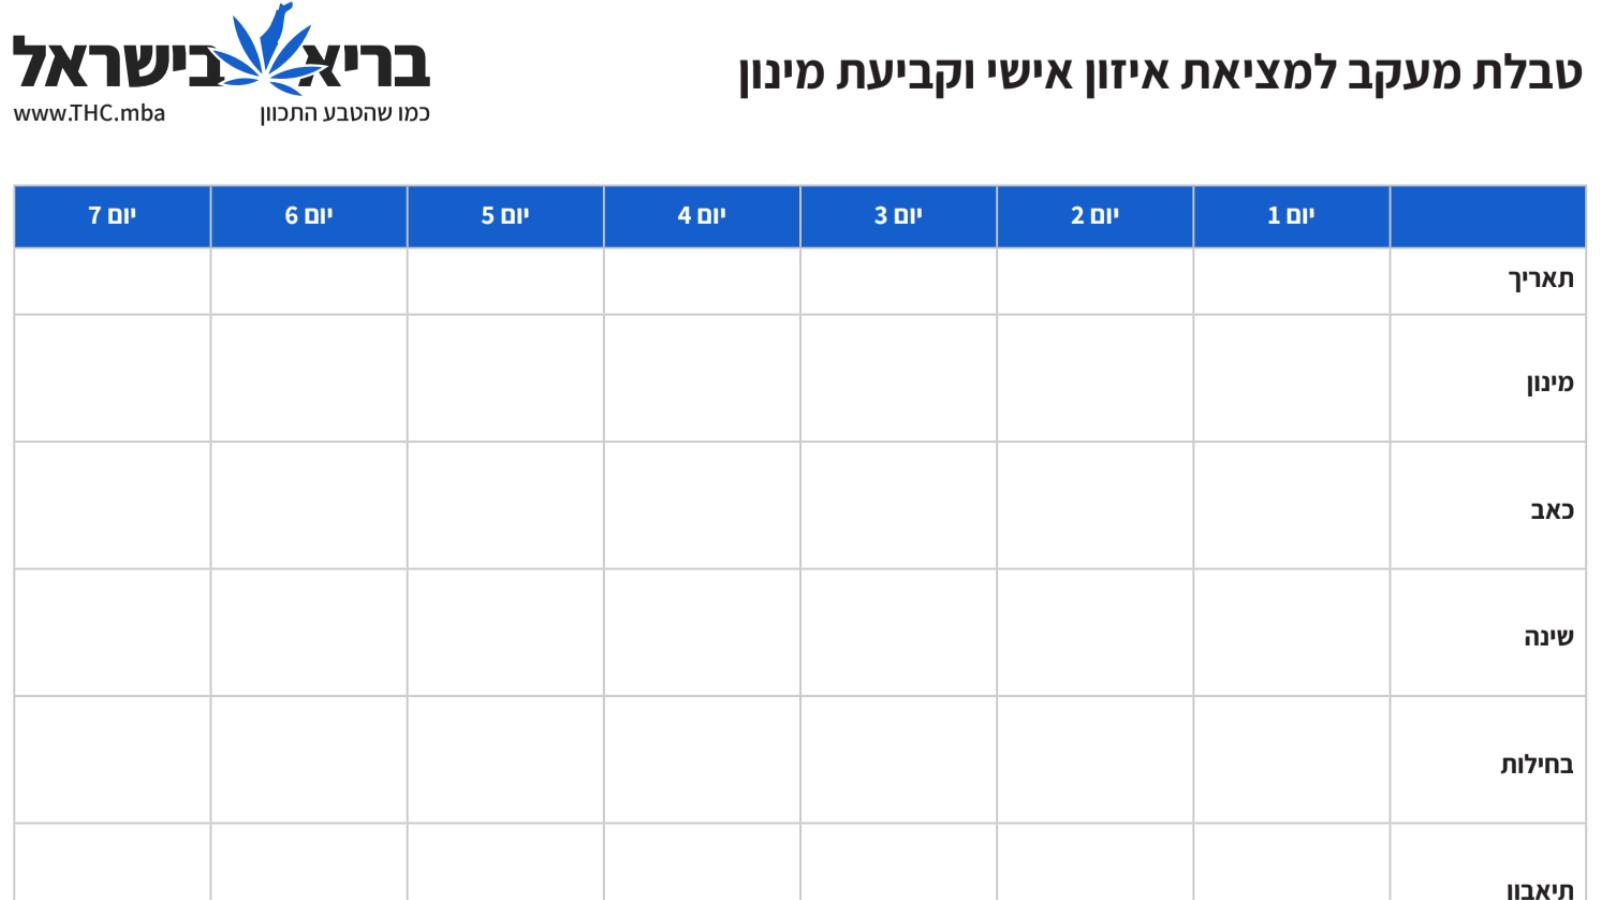 טבלת מעקב למציאת איזון יומי - בריא בישראל